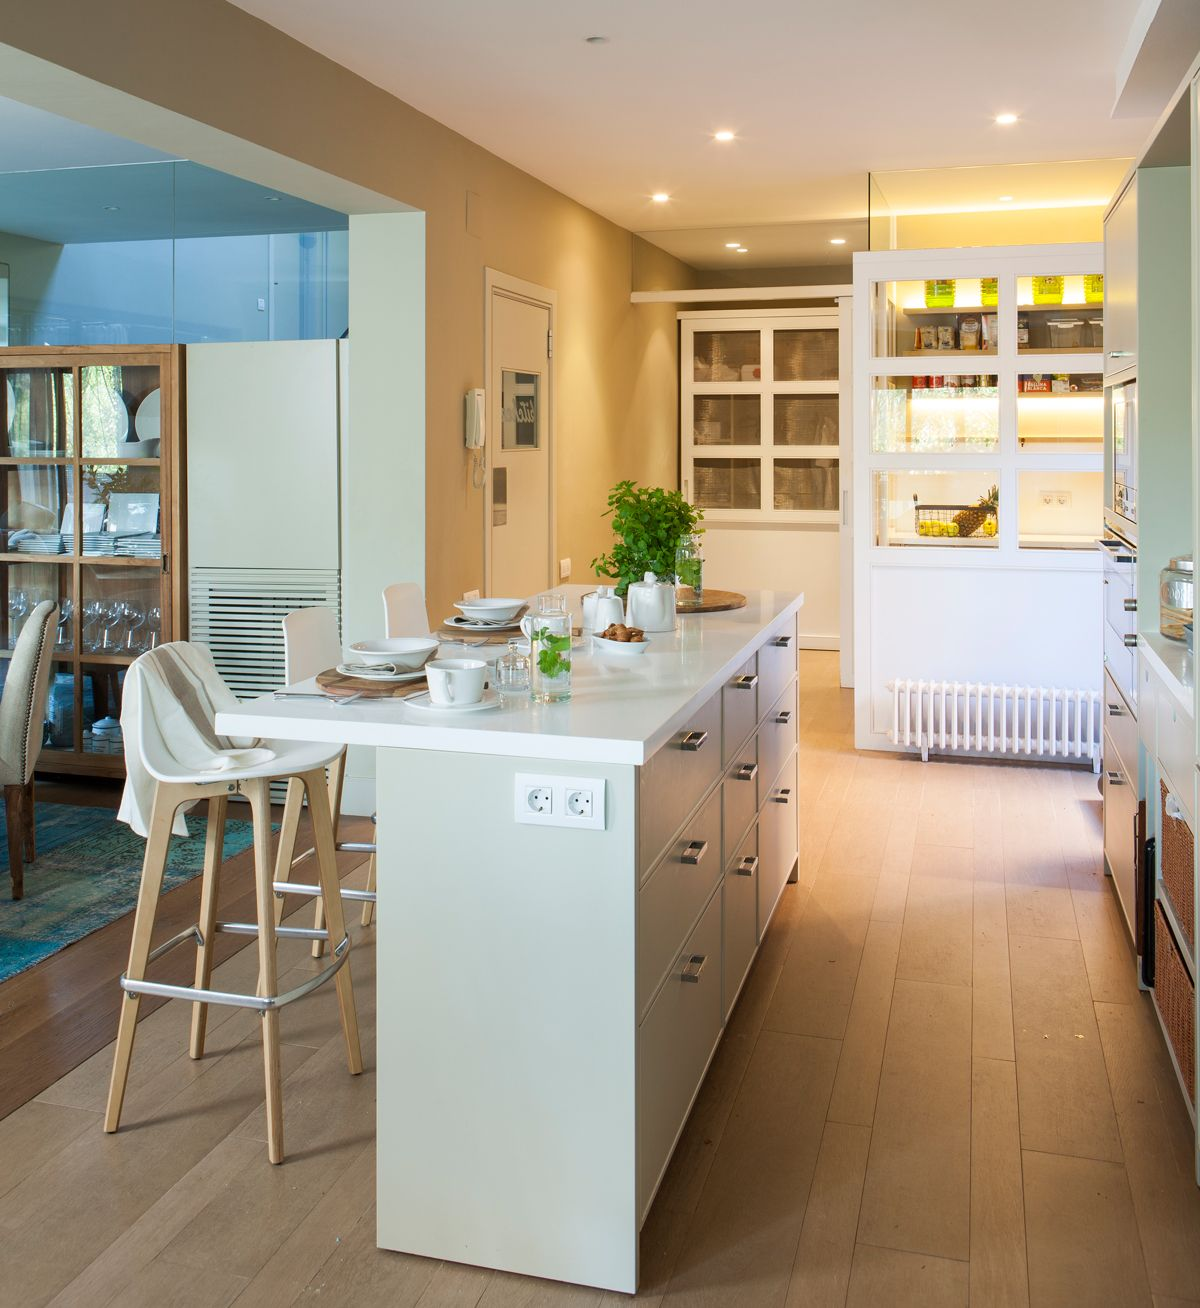 Cocina en blanco con isla estrecha y office al fondo 00400784